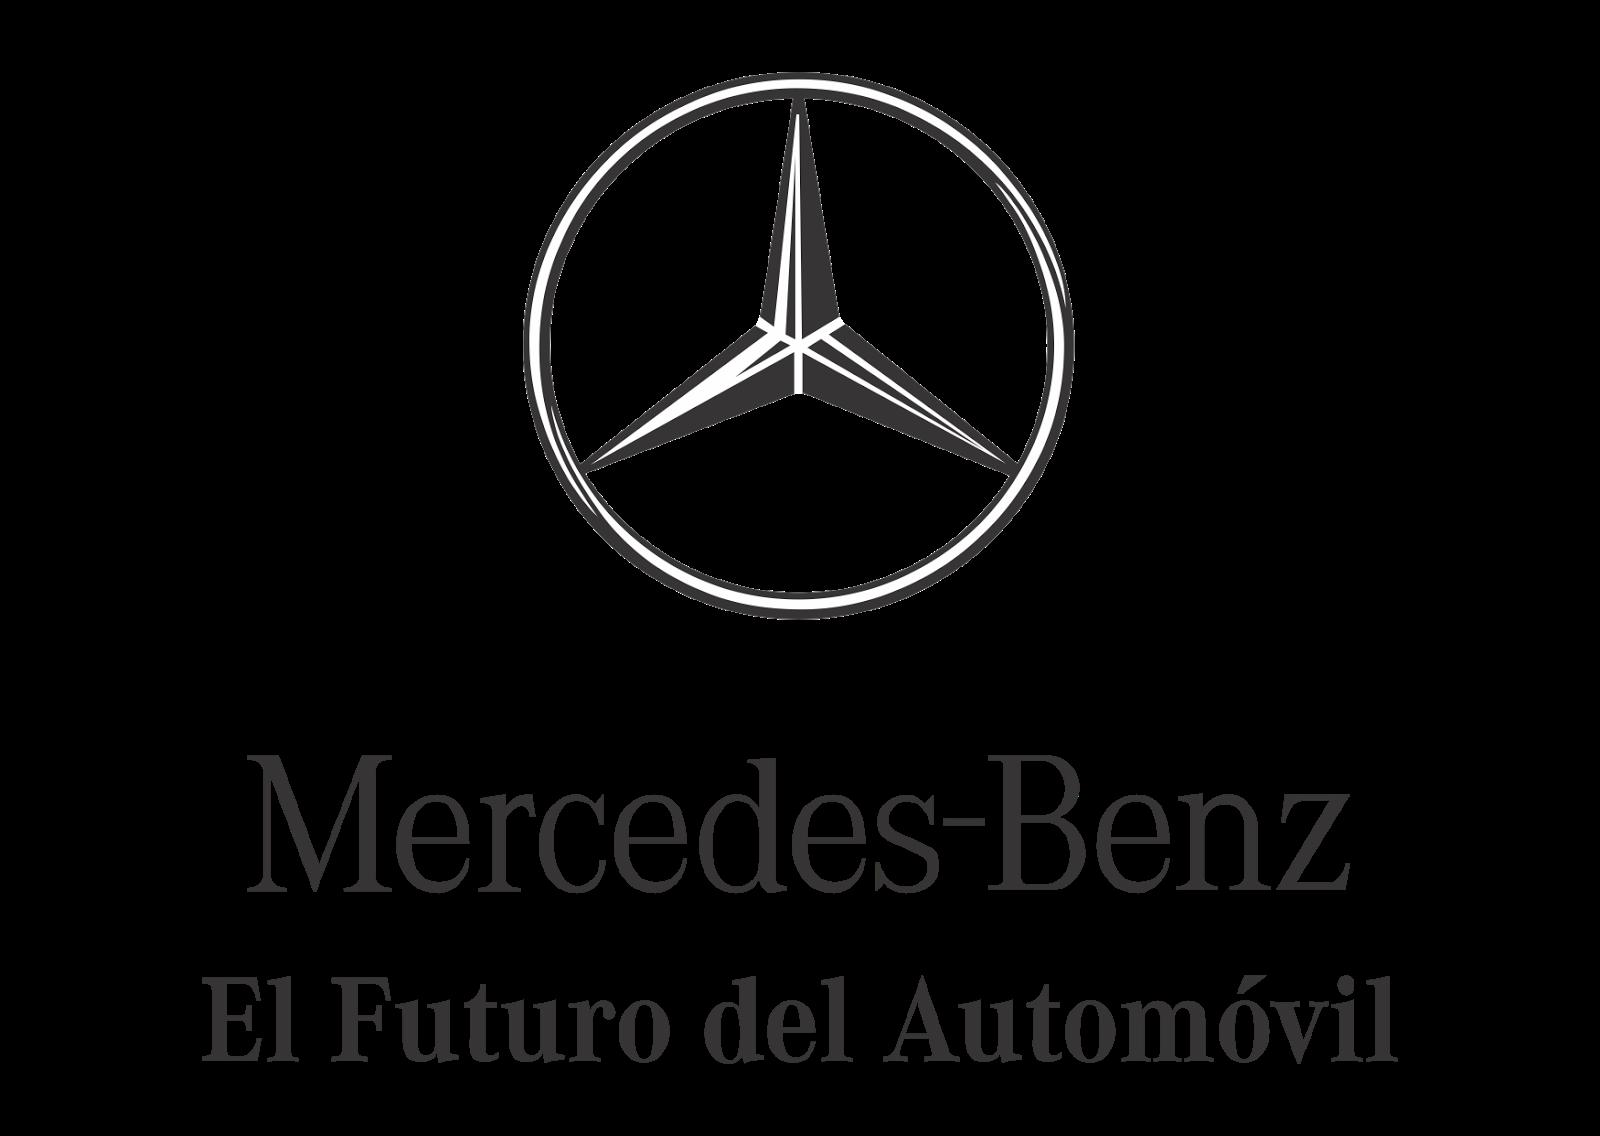 mercedes benz logo vector